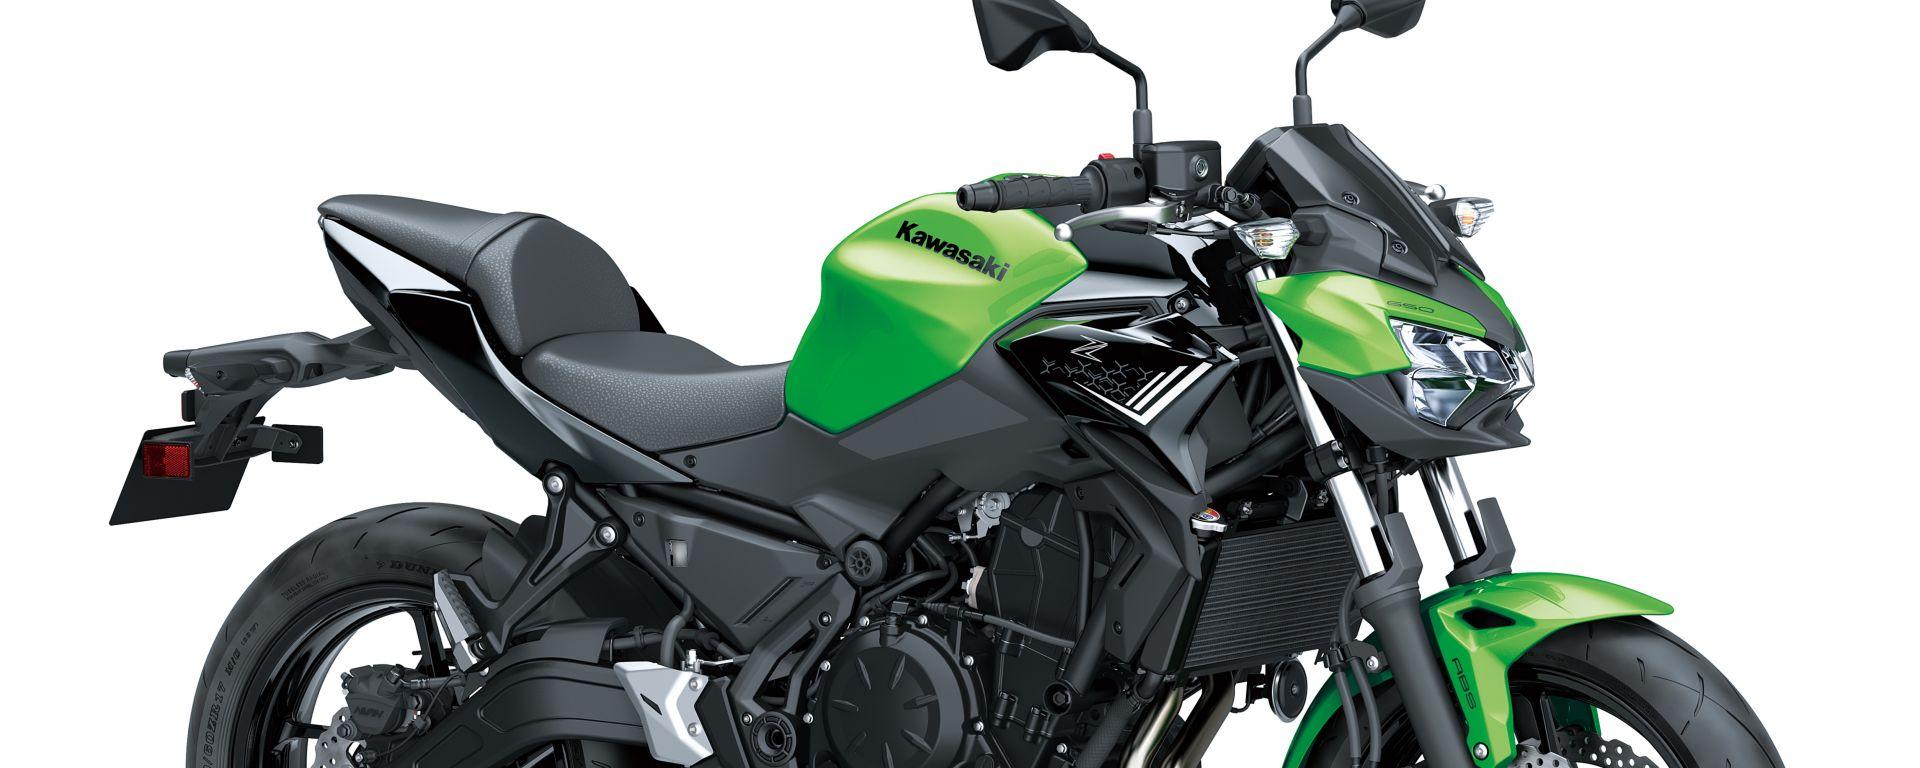 Nuova Kawasaki Z650: a EICMA 2019 le novità della naked media